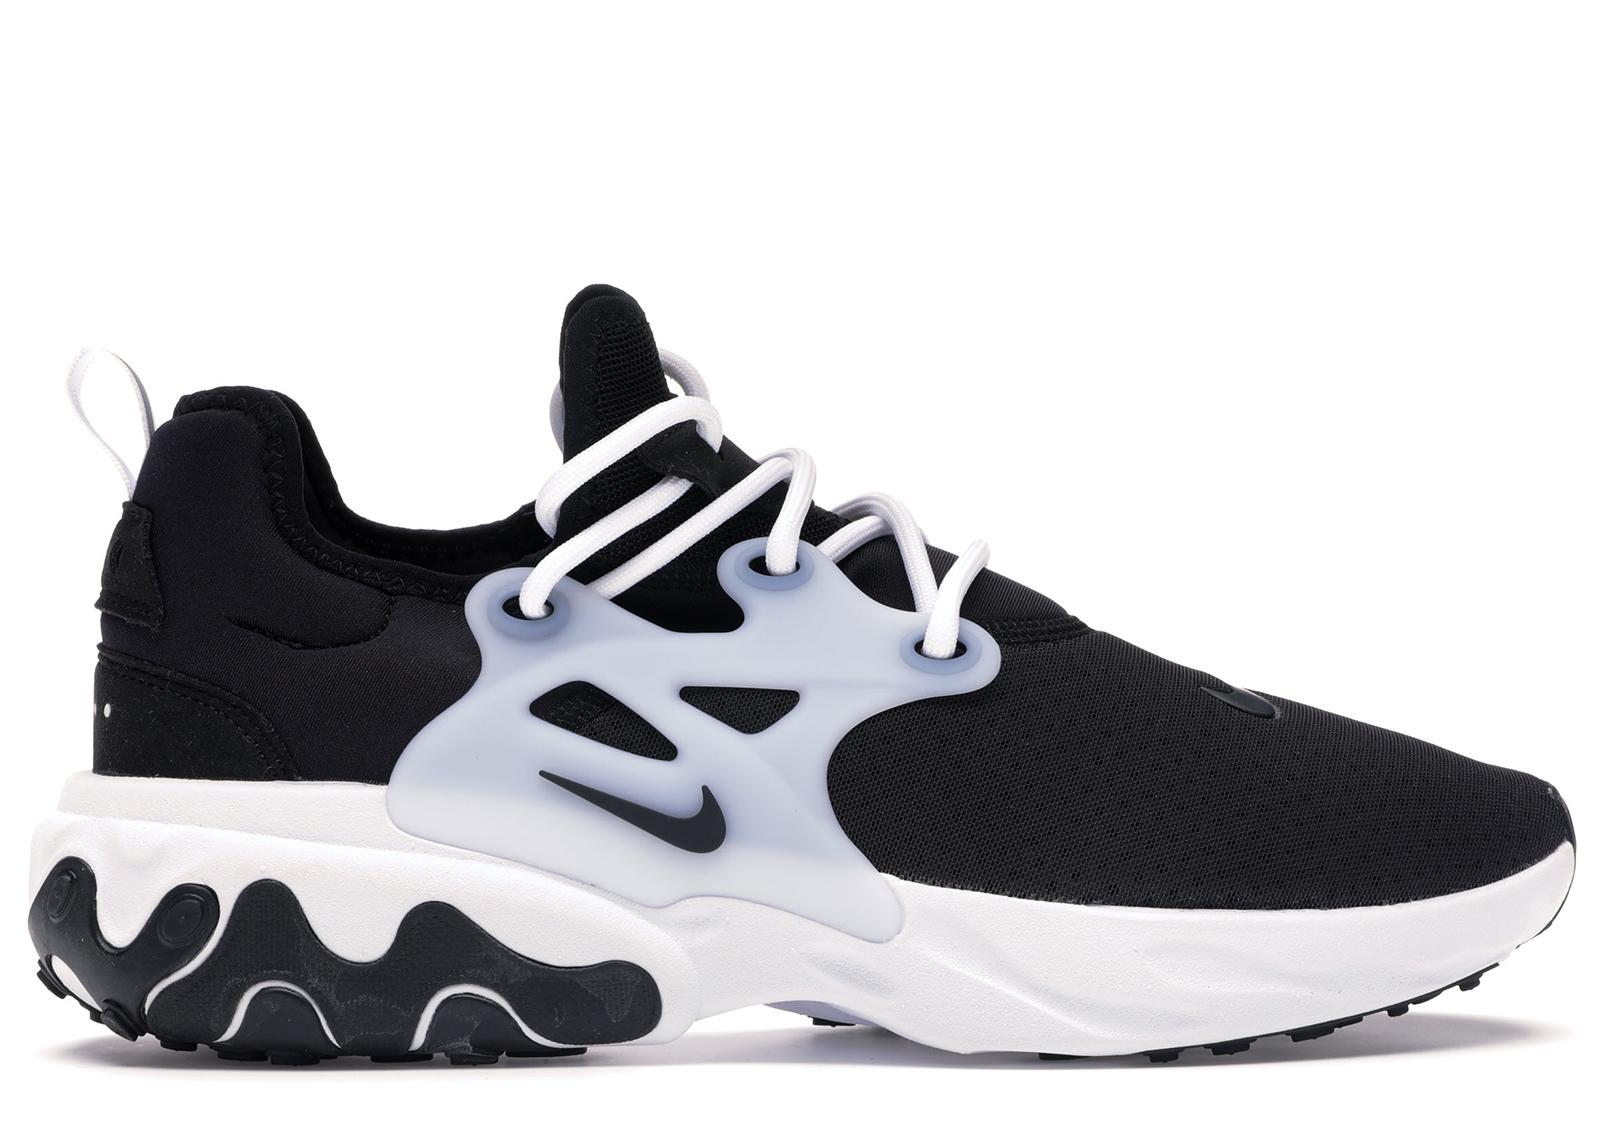 Nike React Presto Black White - AV2605-003